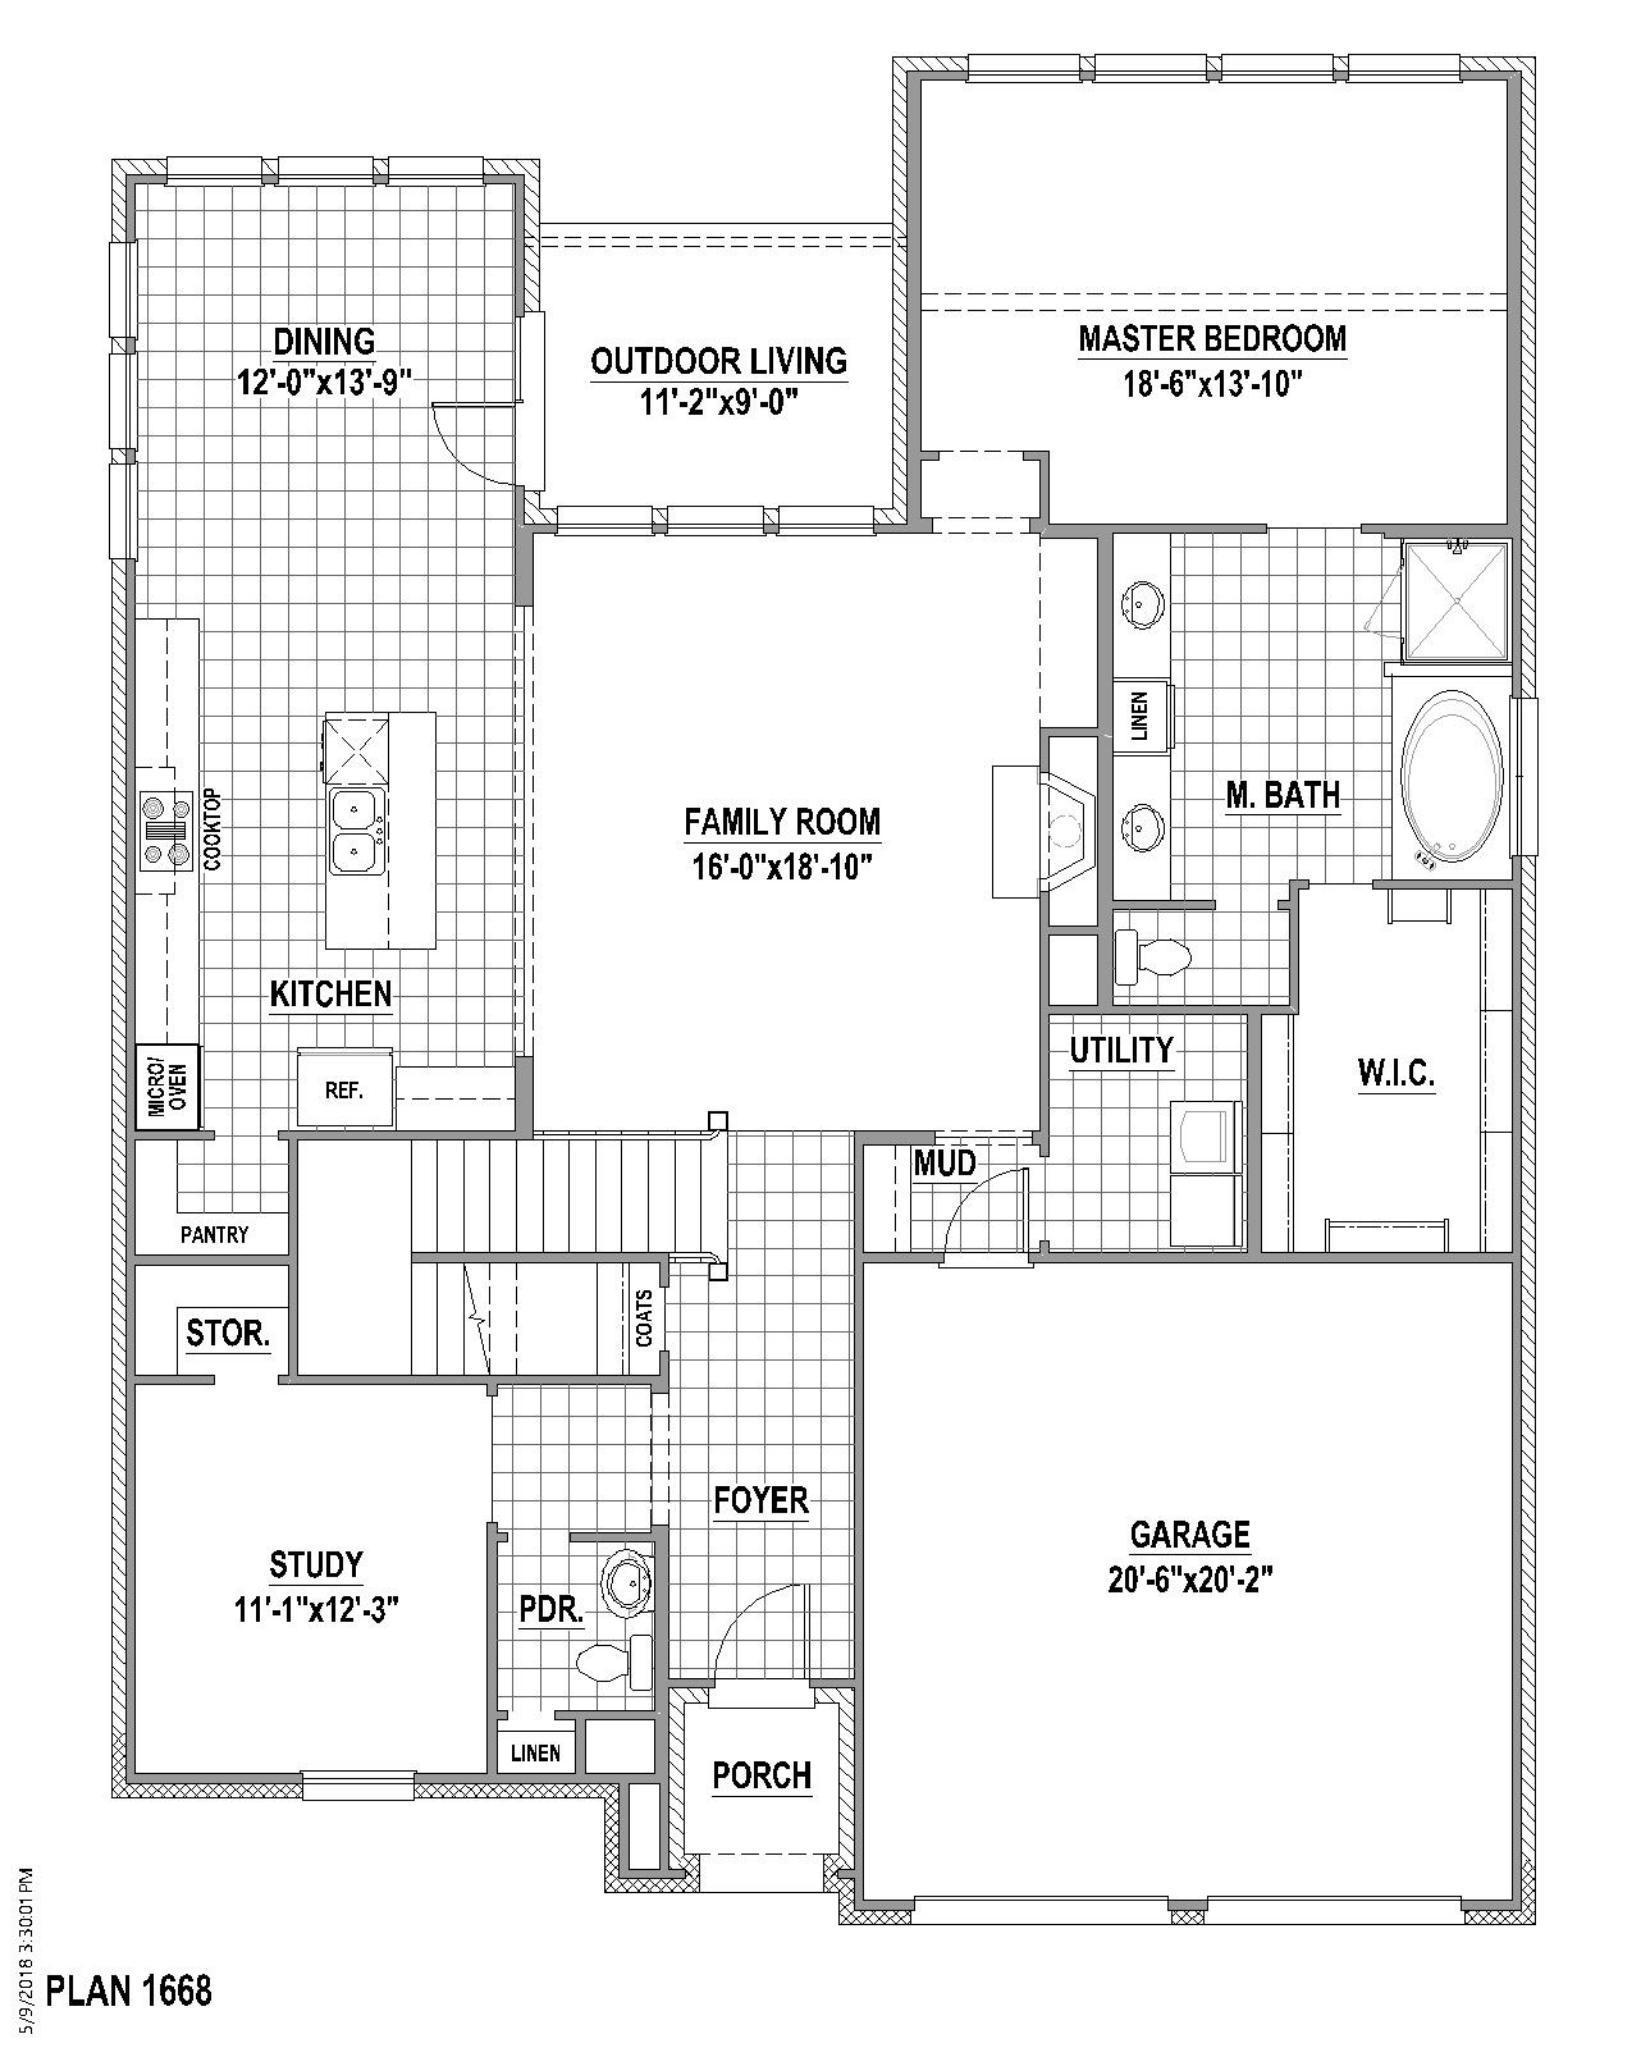 Plan 1668 1